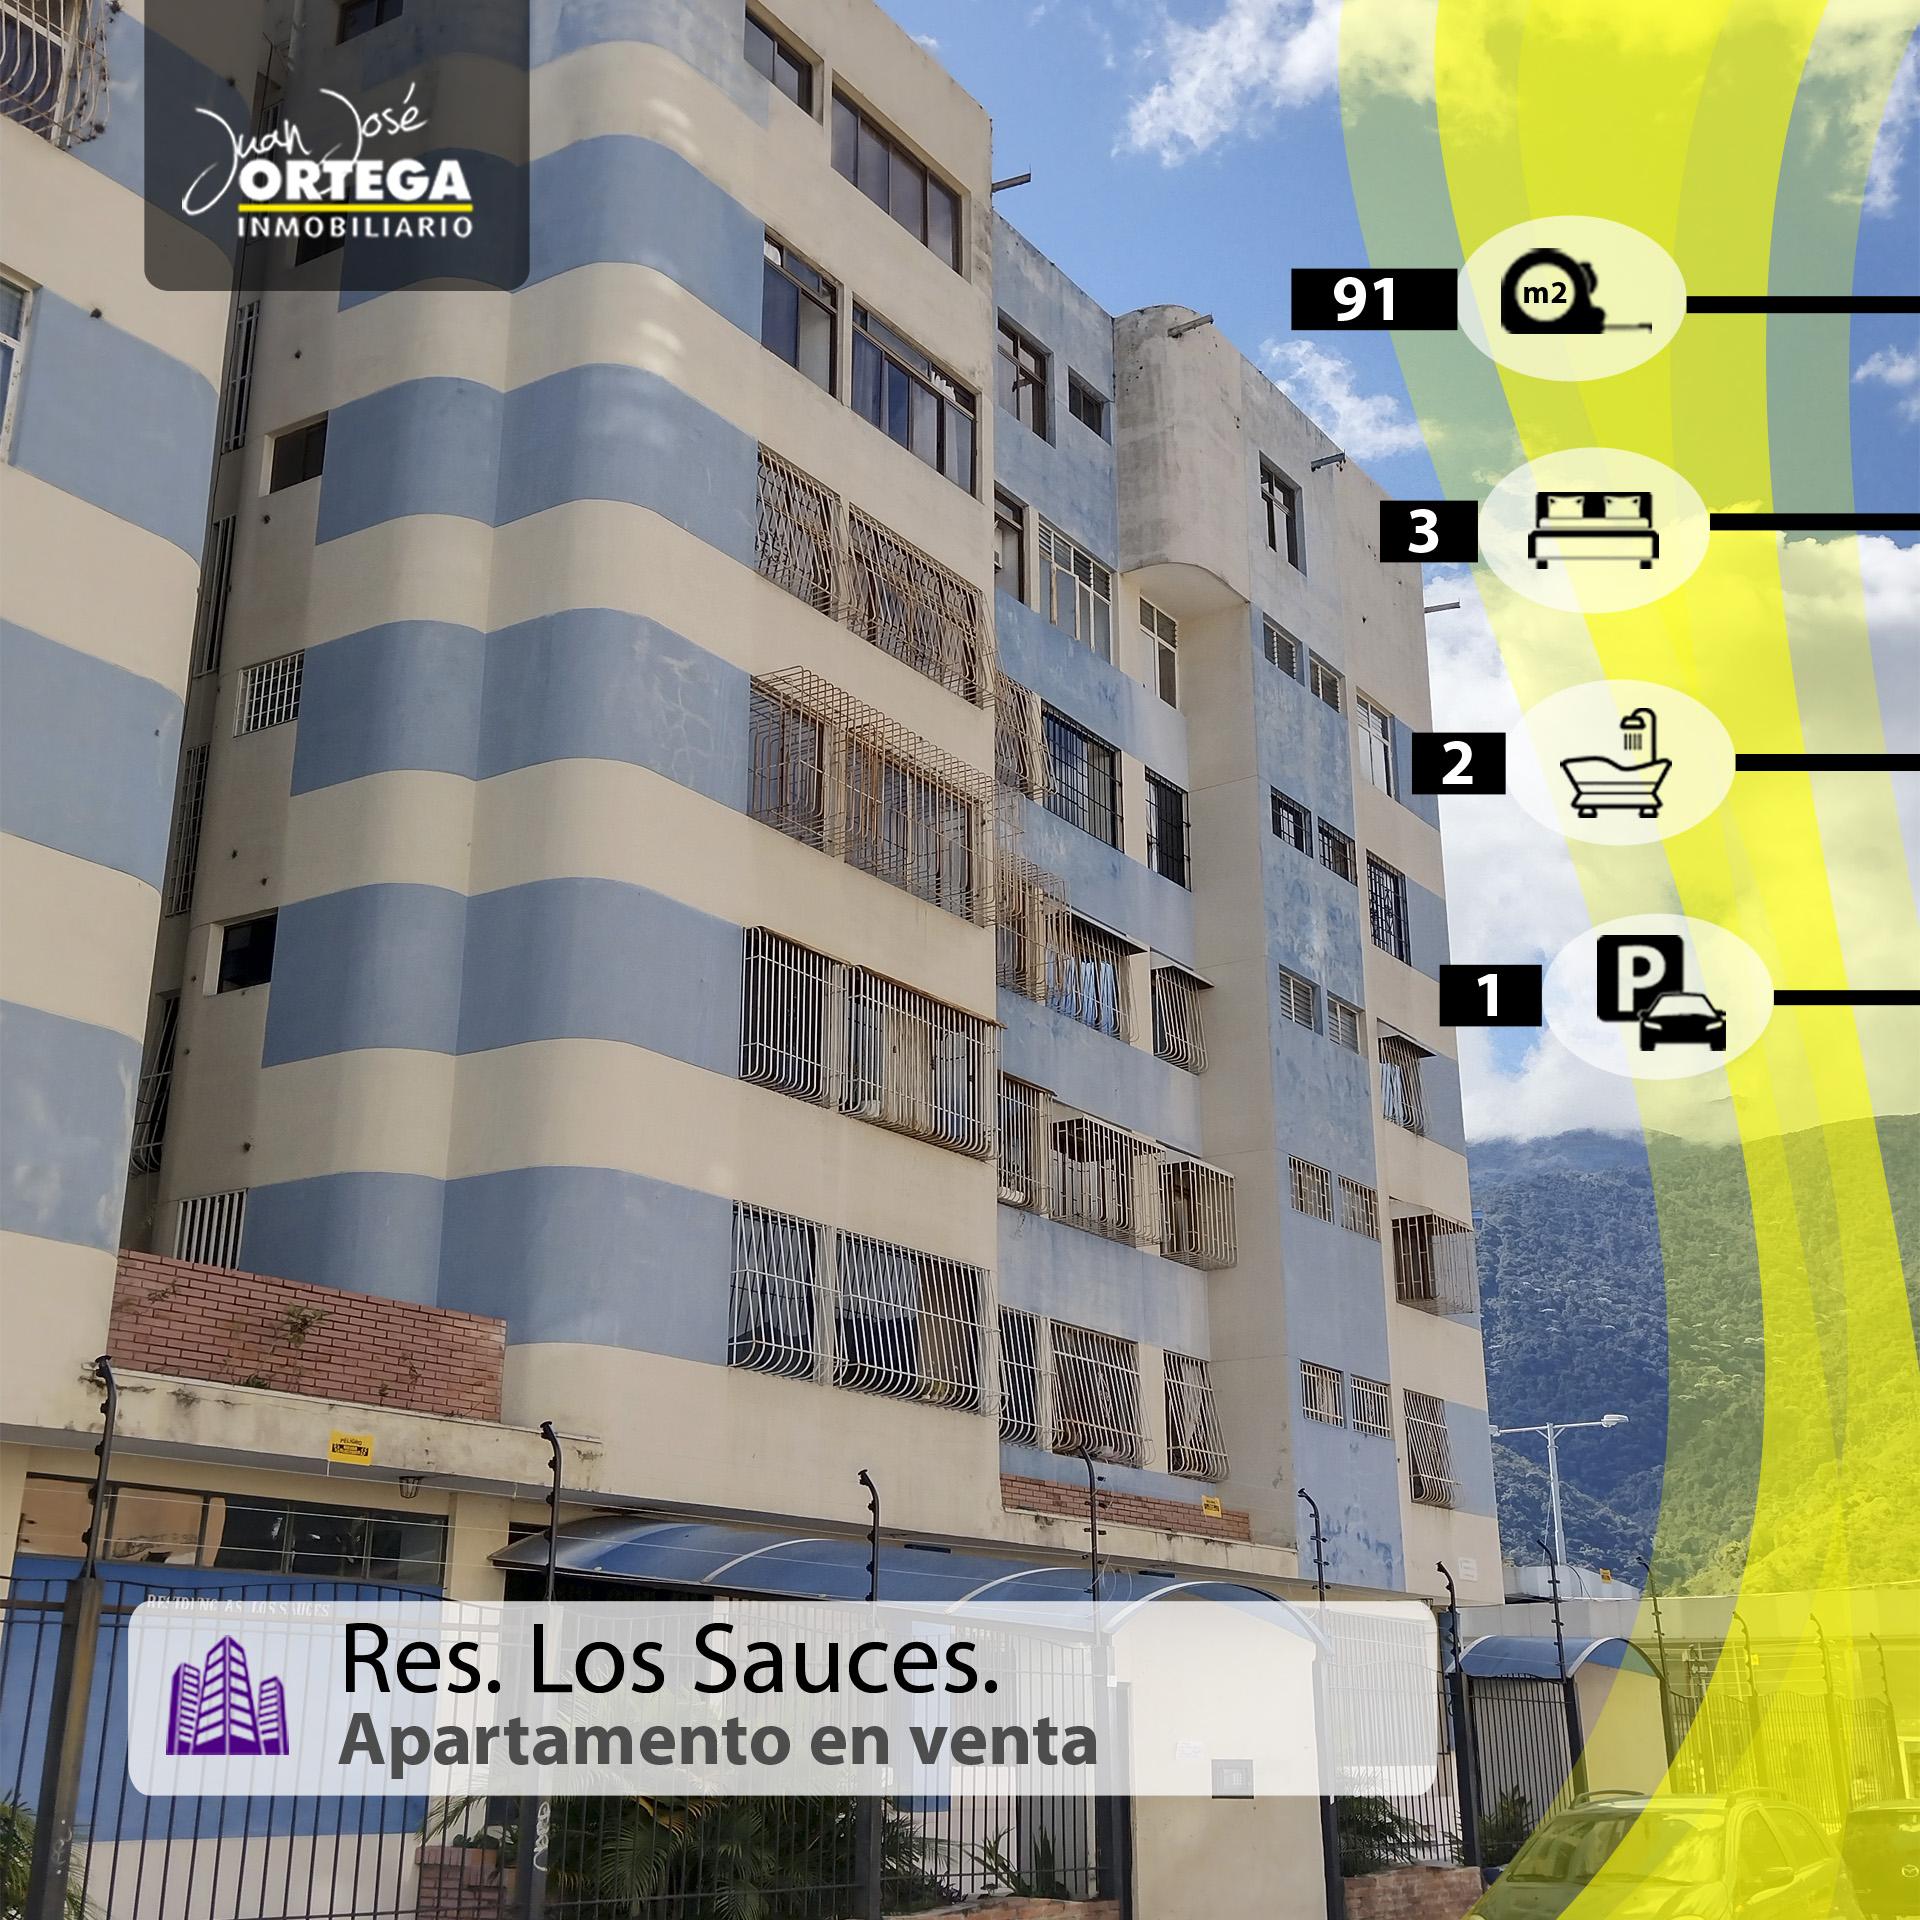 Apartamento en Mérida. Paseo La Feria, Residencia Los Sauces.